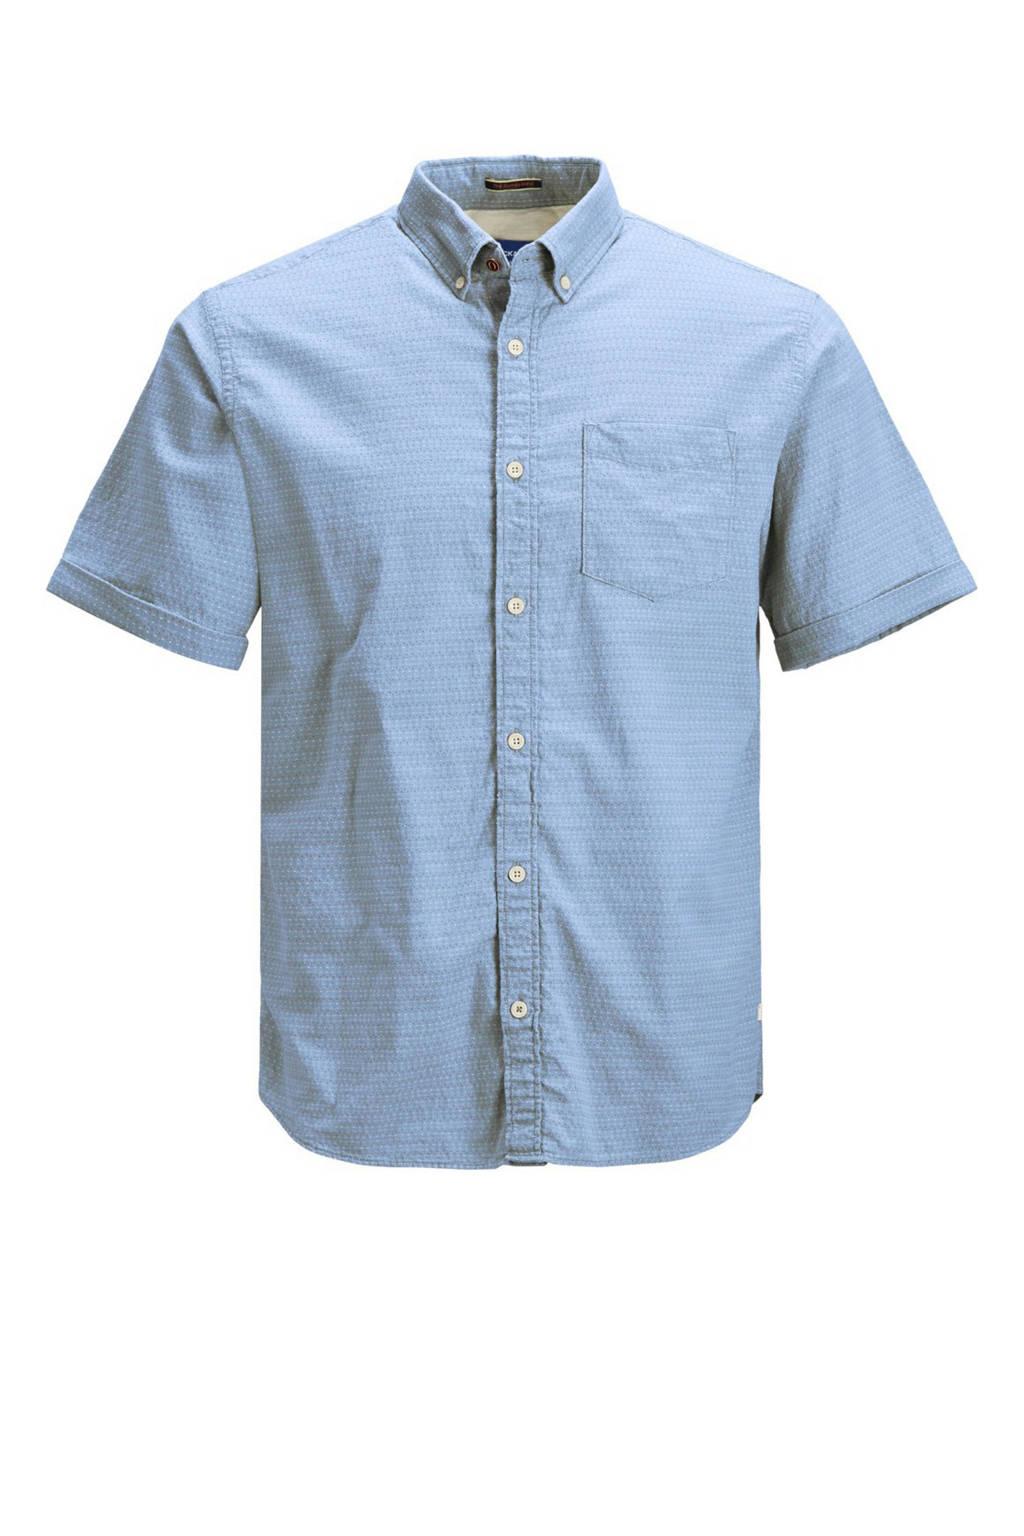 JACK & JONES ORIGINALS regular fit overhemd van biologisch katoen lichtblauw, Lichtblauw